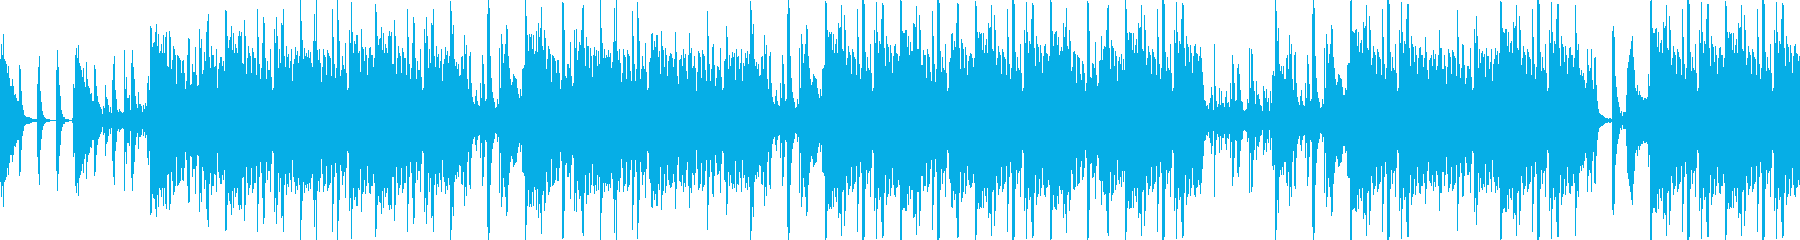 切迫ディレイの壮大なパーカスアンサンブルの再生済みの波形